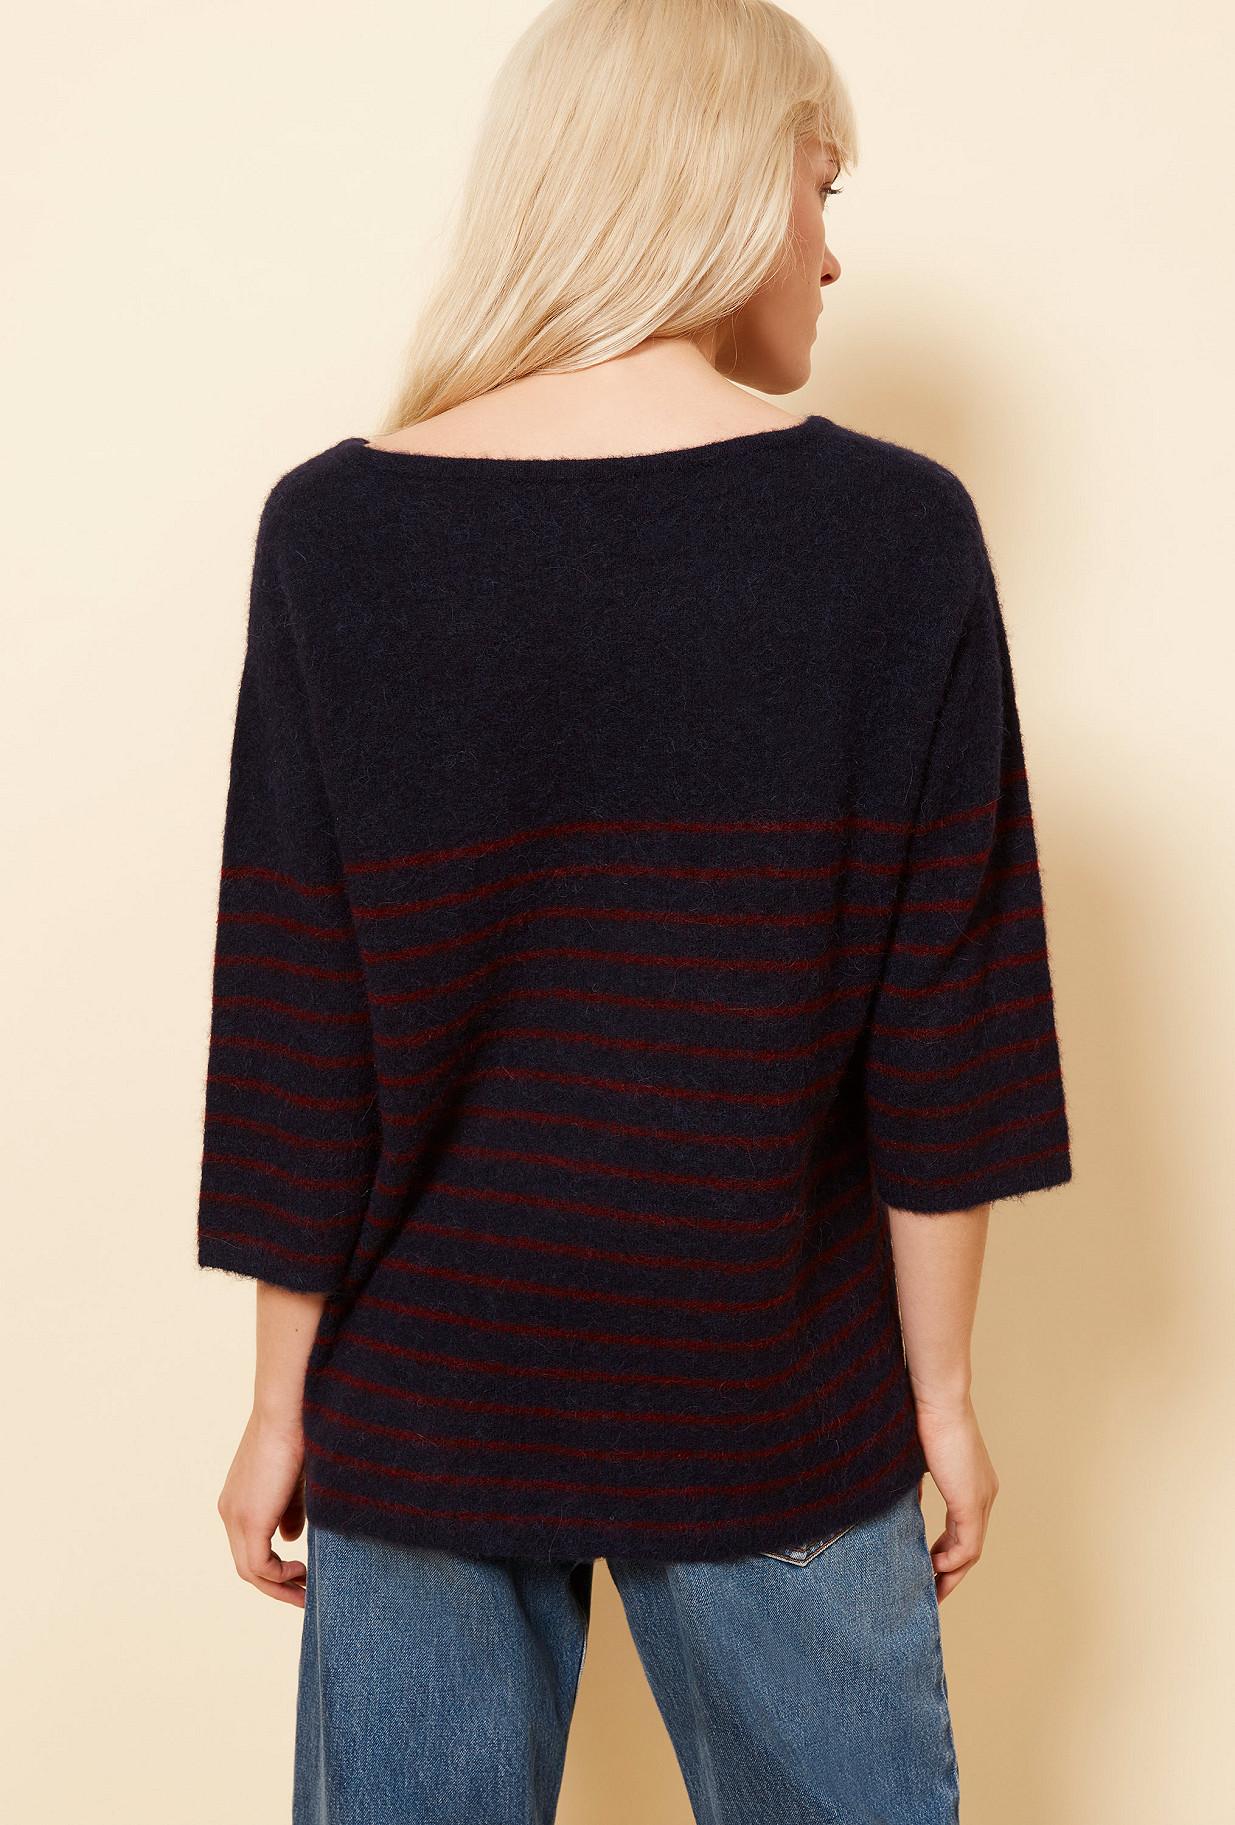 Navy Sweater Autissier Mes Demoiselles Paris